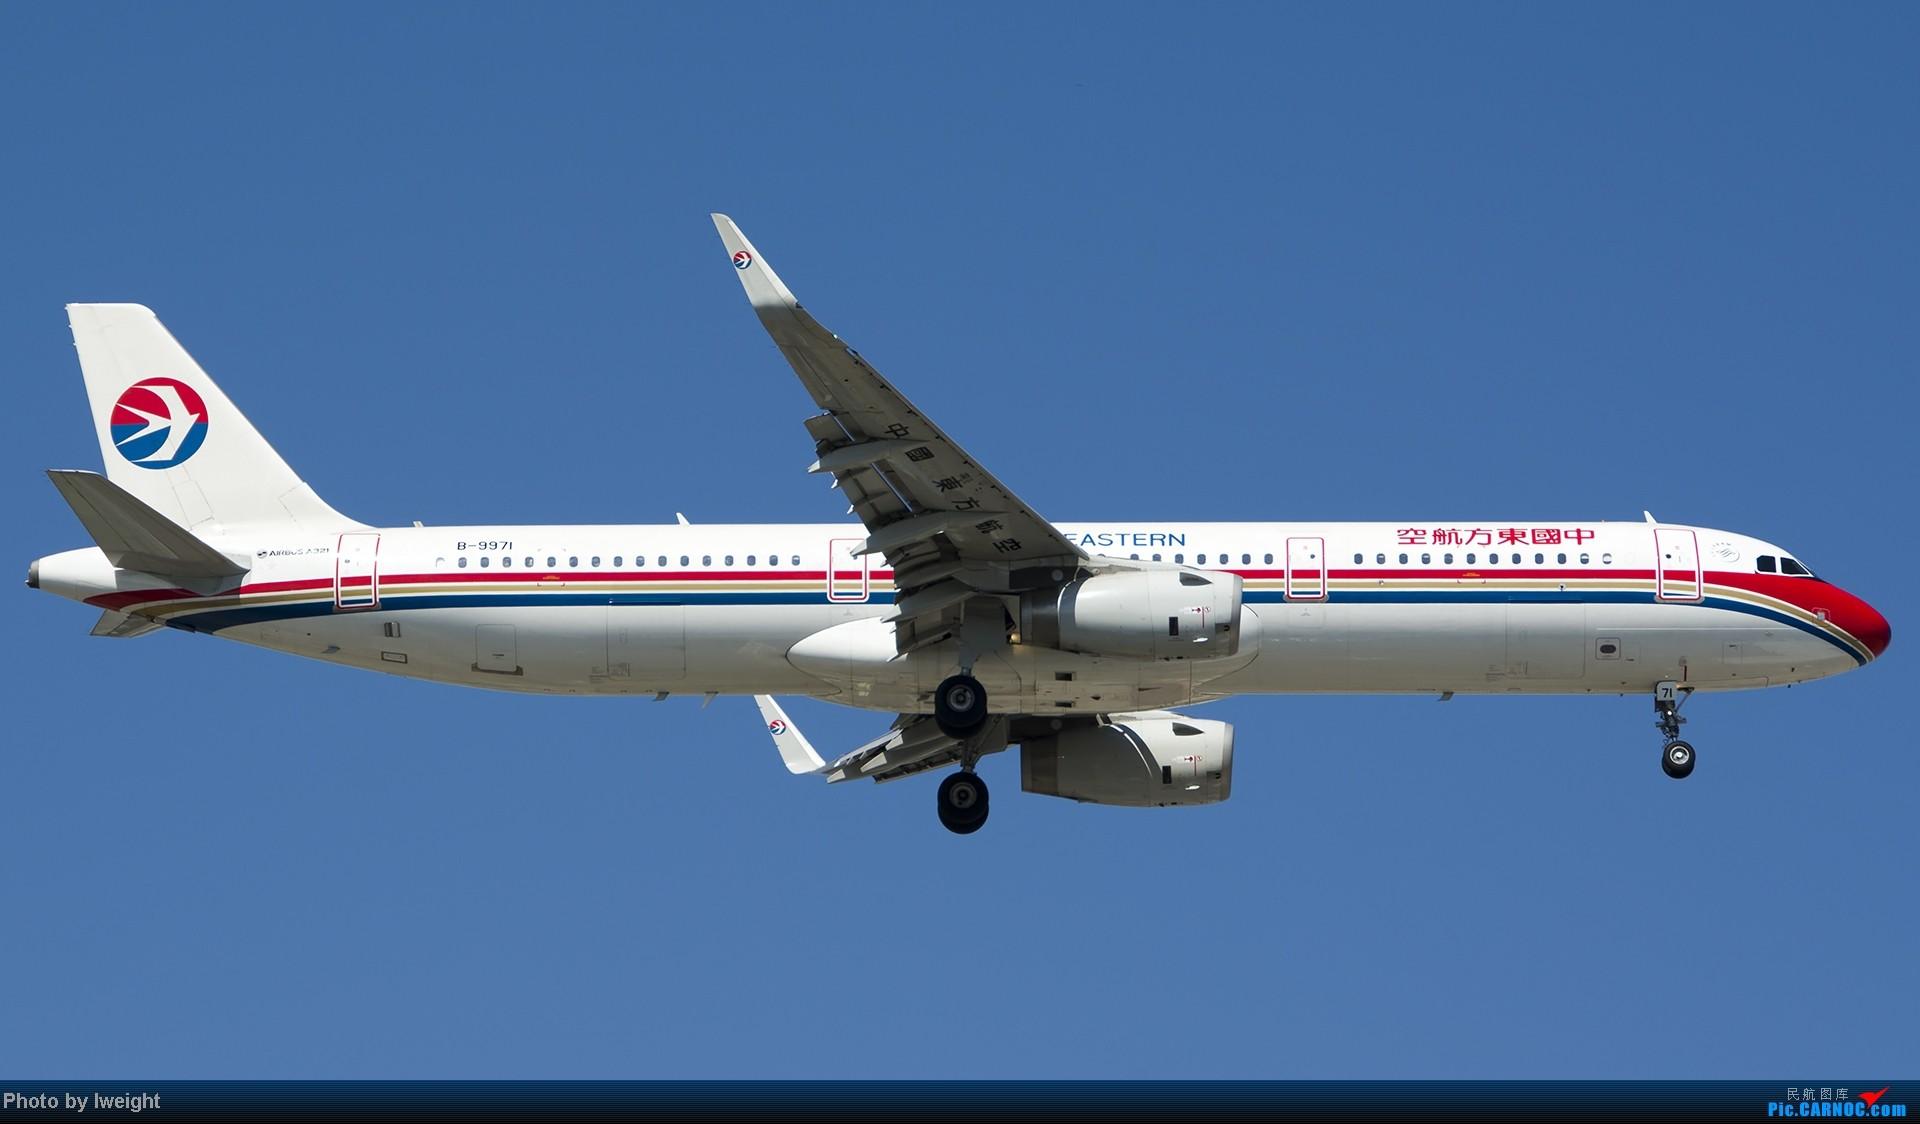 Re:[原创]酷暑周末拍遍PEK三条跑道,收获众多常见机型 AIRBUS A321-200 B-9971 中国北京首都机场